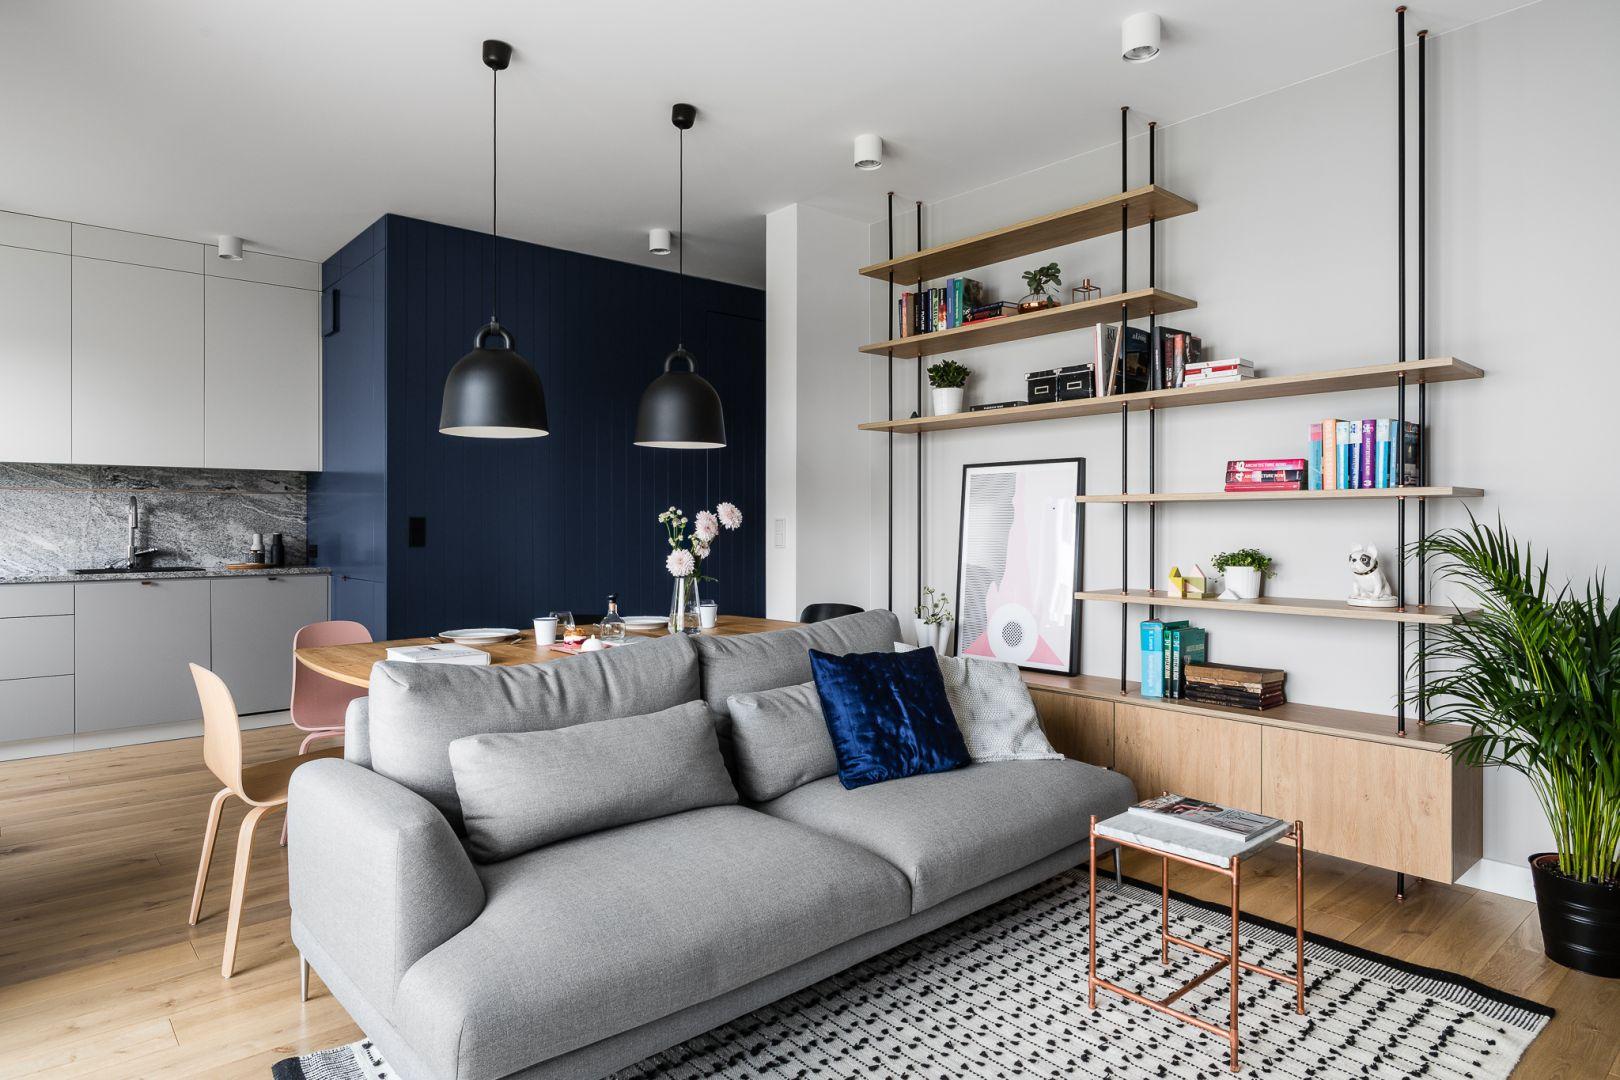 Jak łączyć ściany i podłogę w salonie. Jasne drewniane podłogi i jasne ściany to świetne tło dla granatowej ściany. Projekt:  Raca Architekci. Zdjęcia: Fotomohito